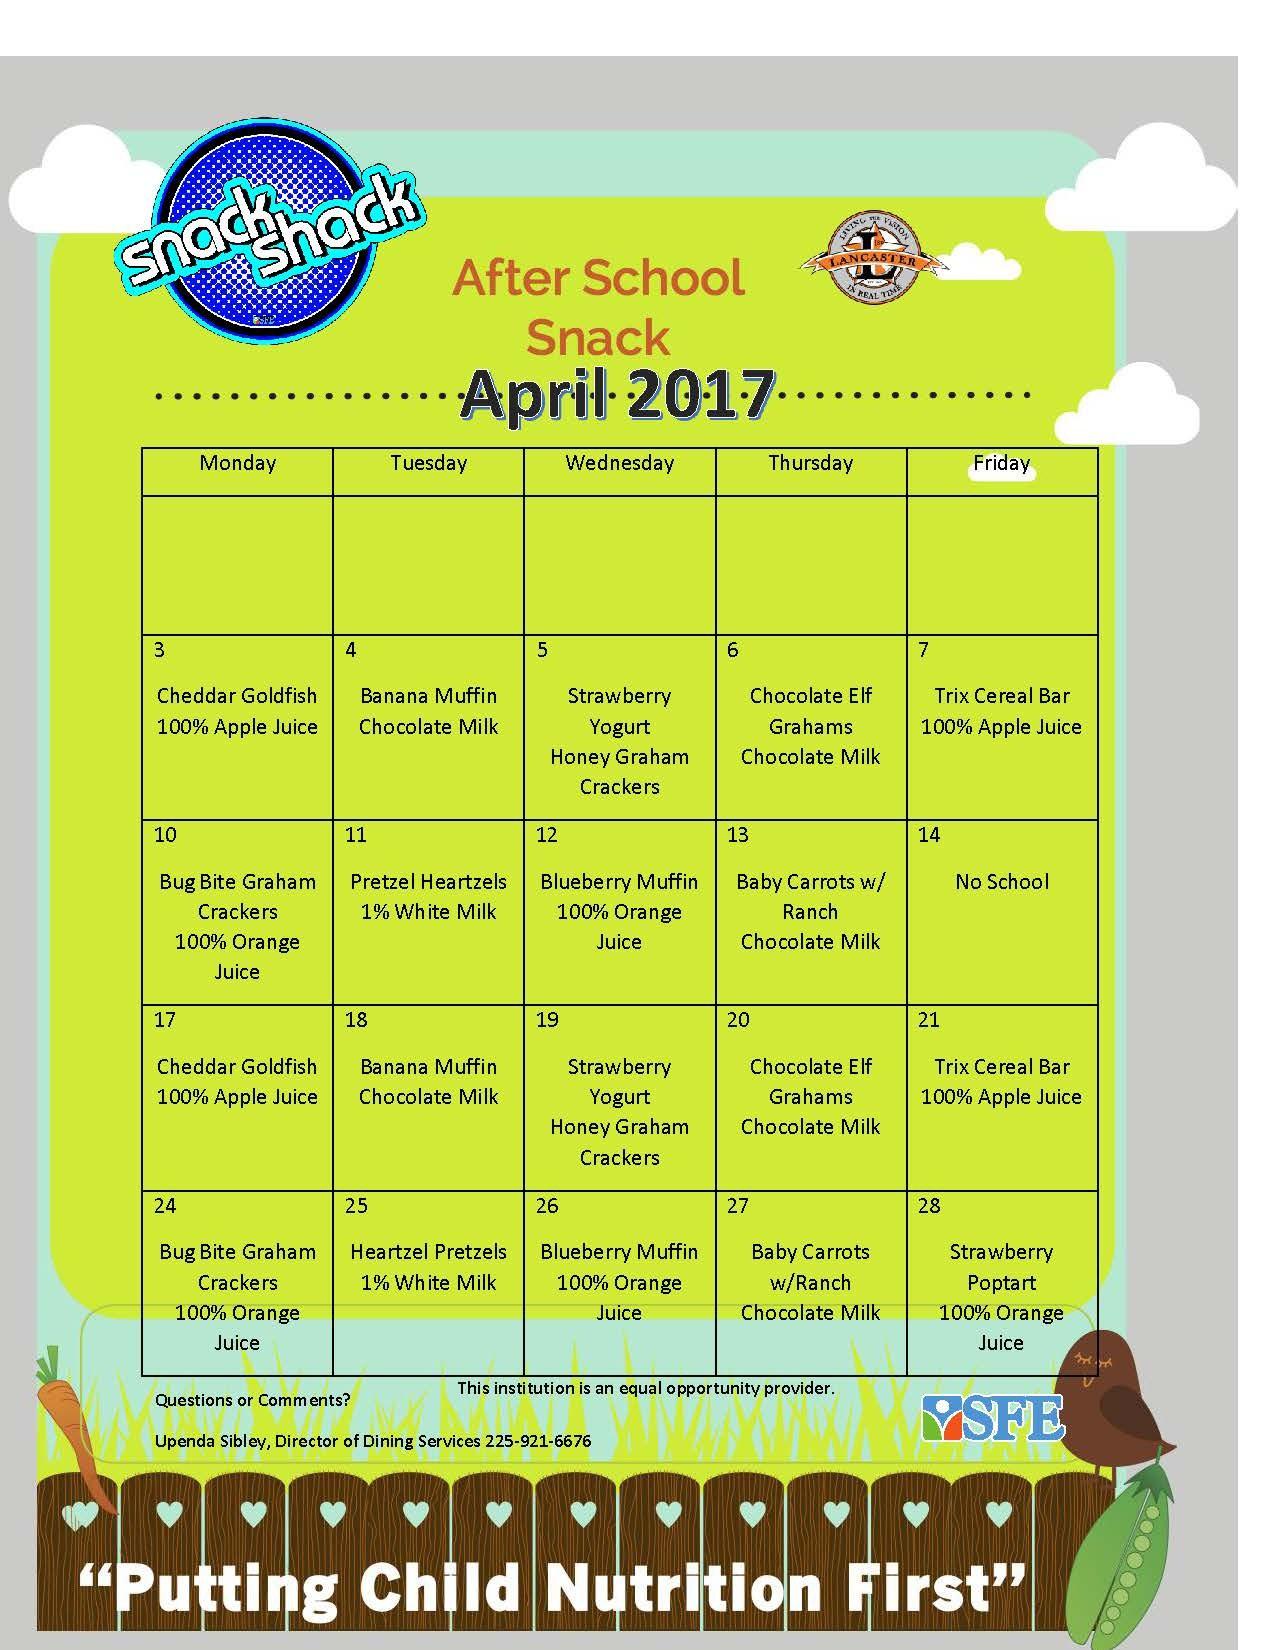 April 2017 Snack Menu